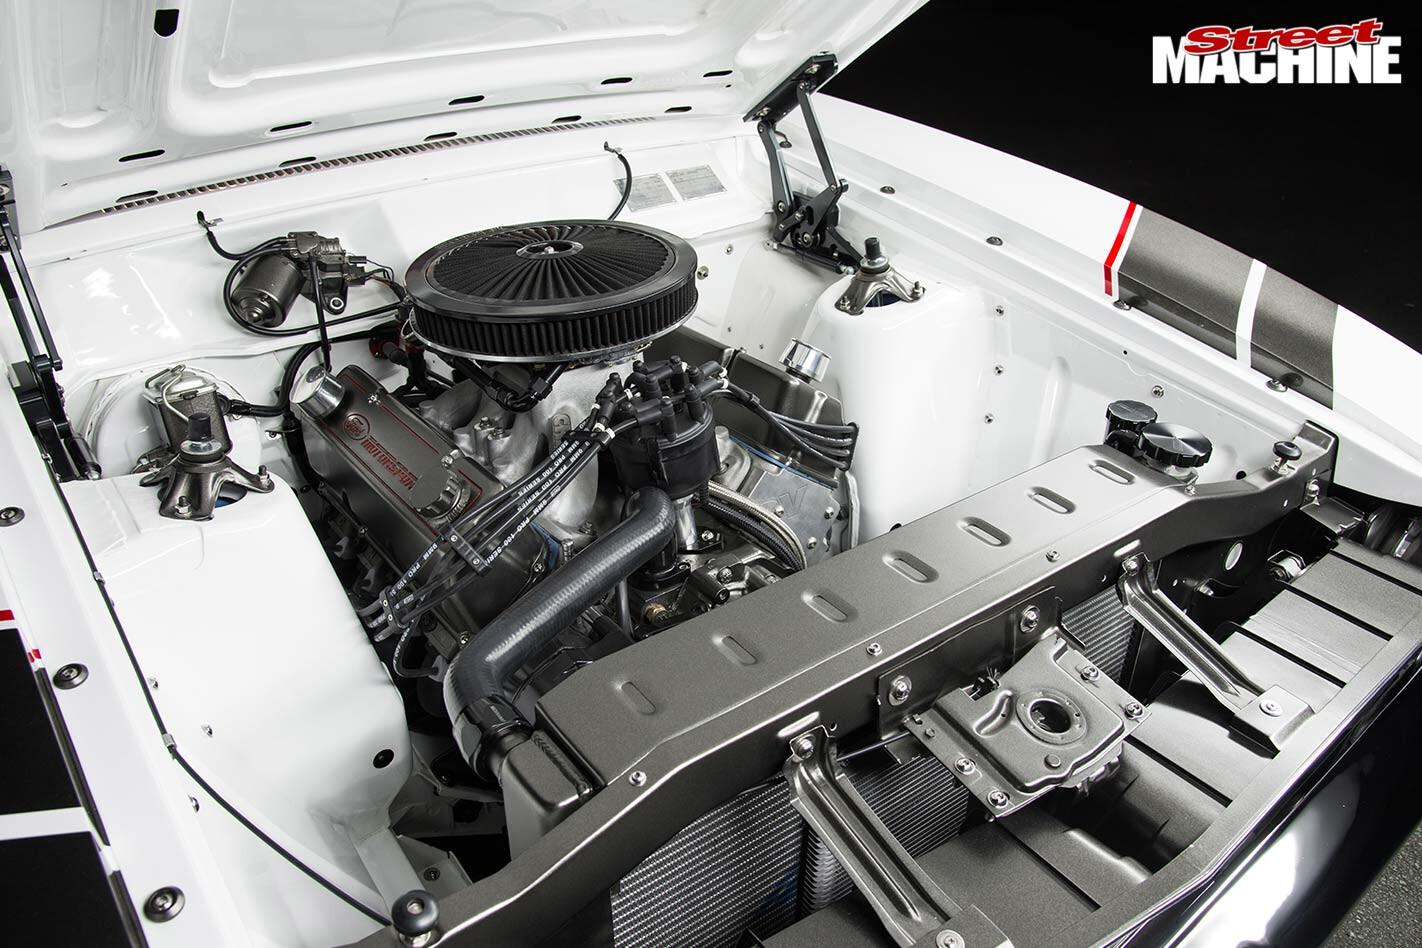 Ford Falcon FAT XB engine bay